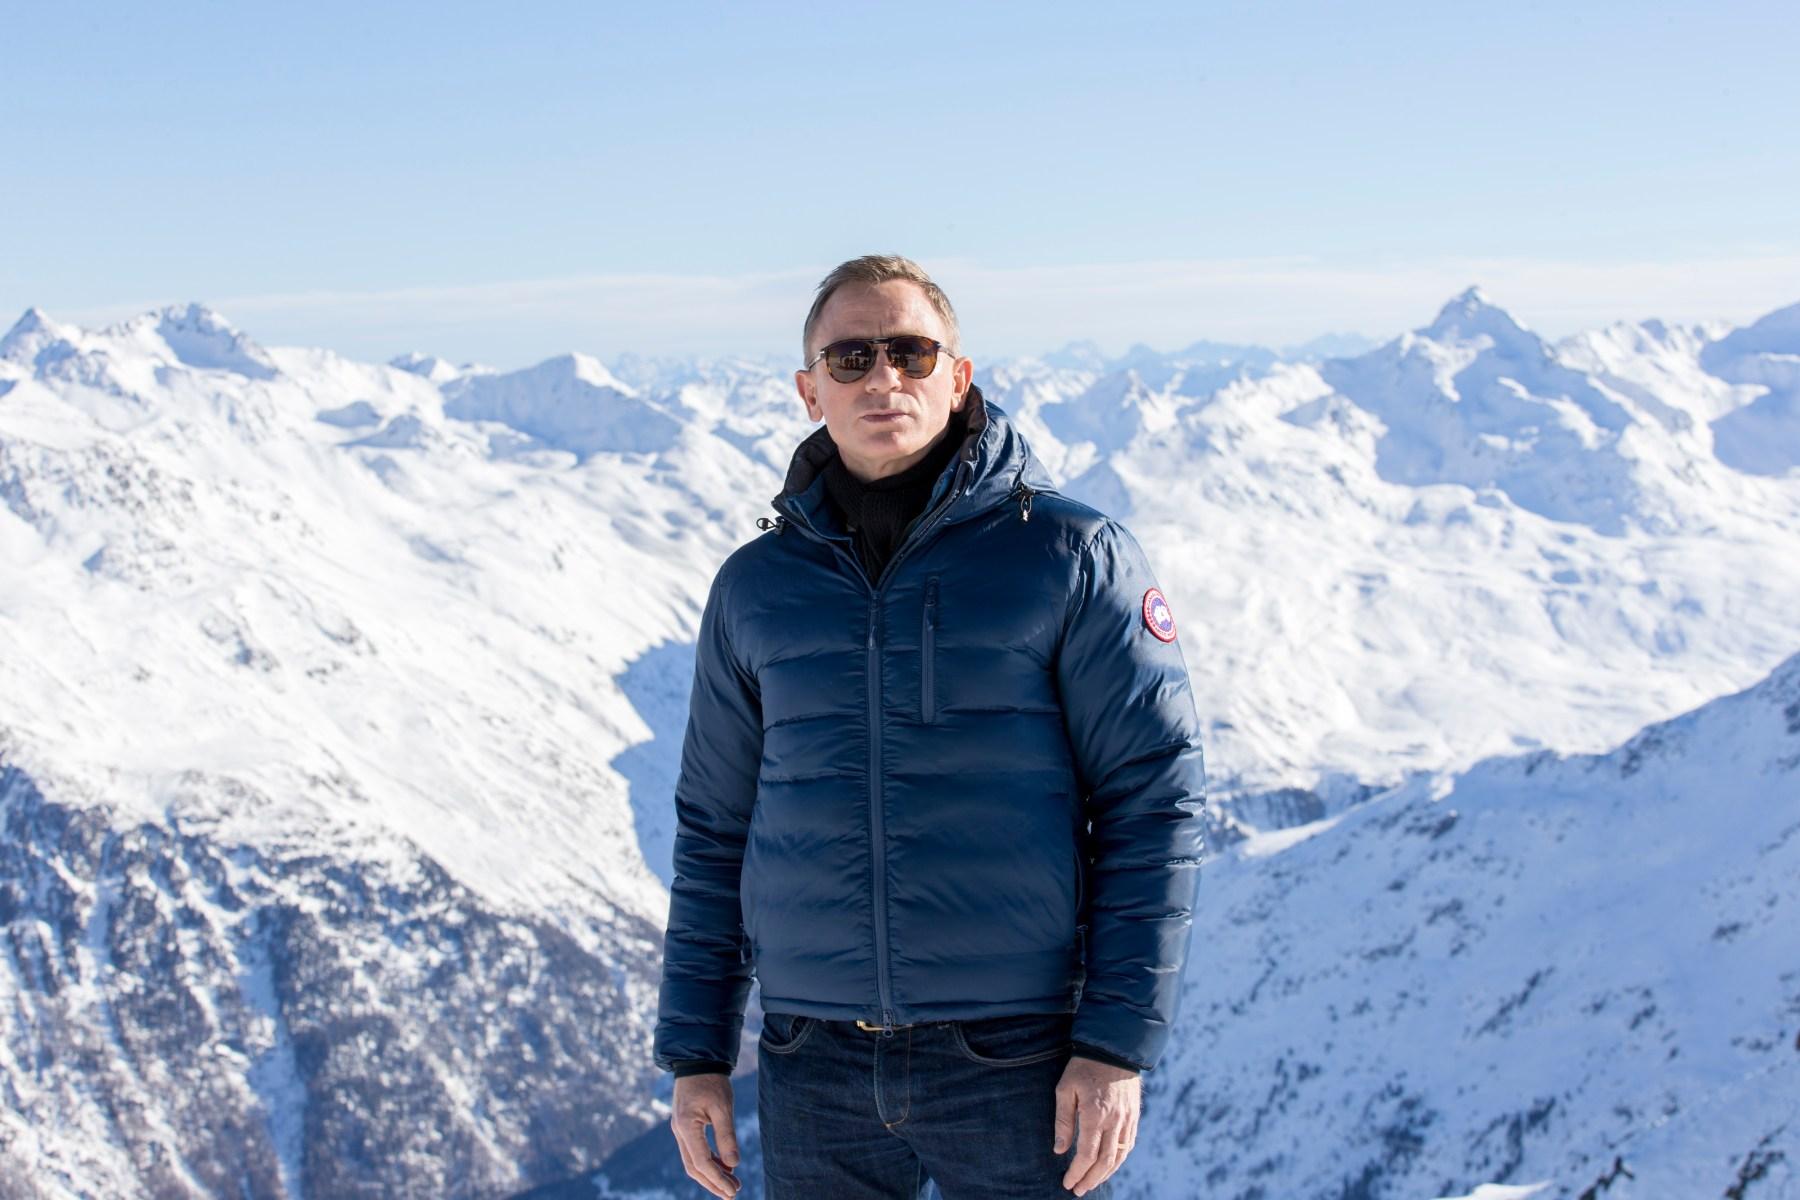 """Daniel Craig poses at ski resort in Soelden, Austria featured in """"Spectre.""""  (Jan Hetfleisch/Getty Images)"""